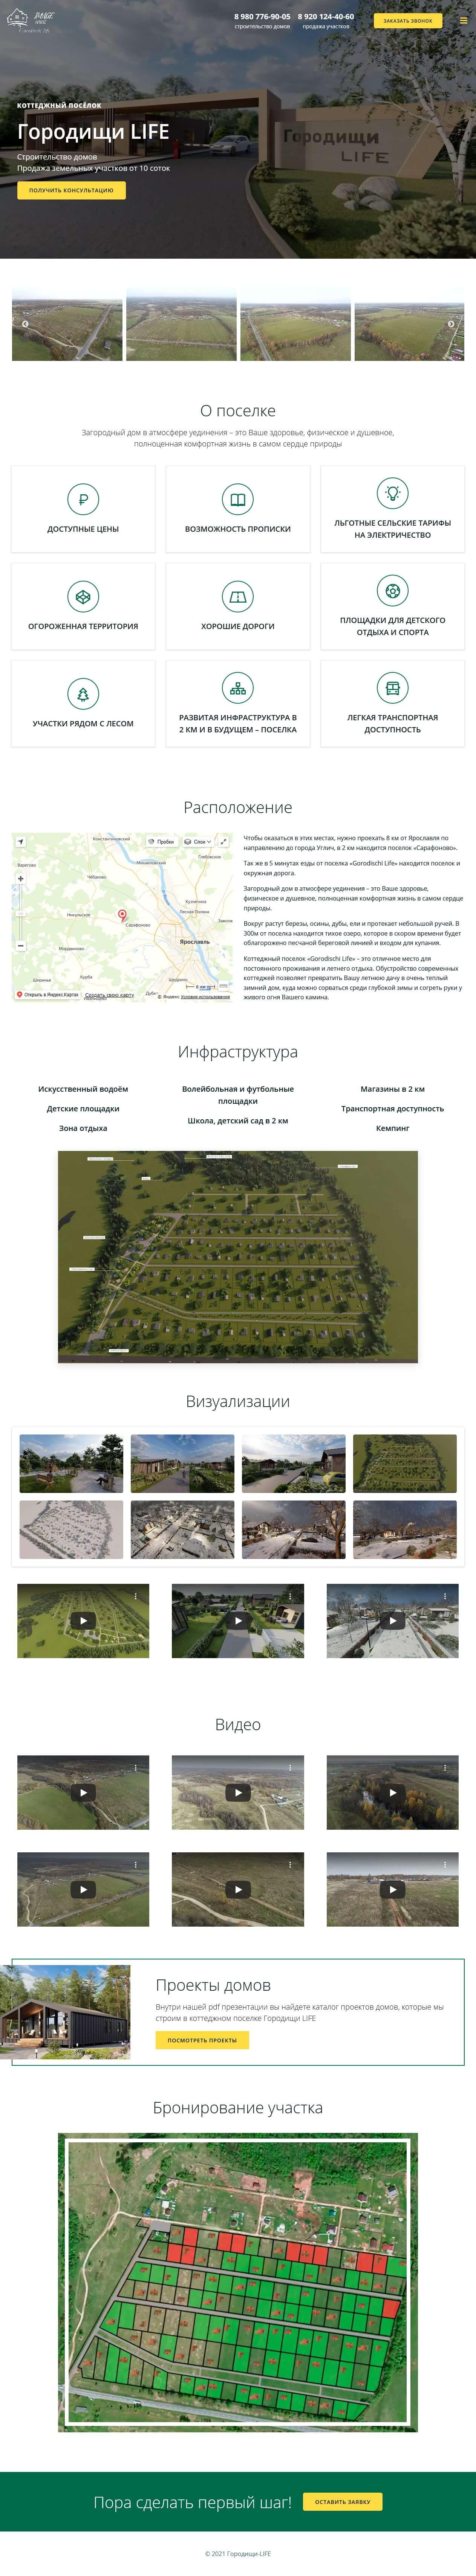 sozdanie-sayta-gorodishhilayf